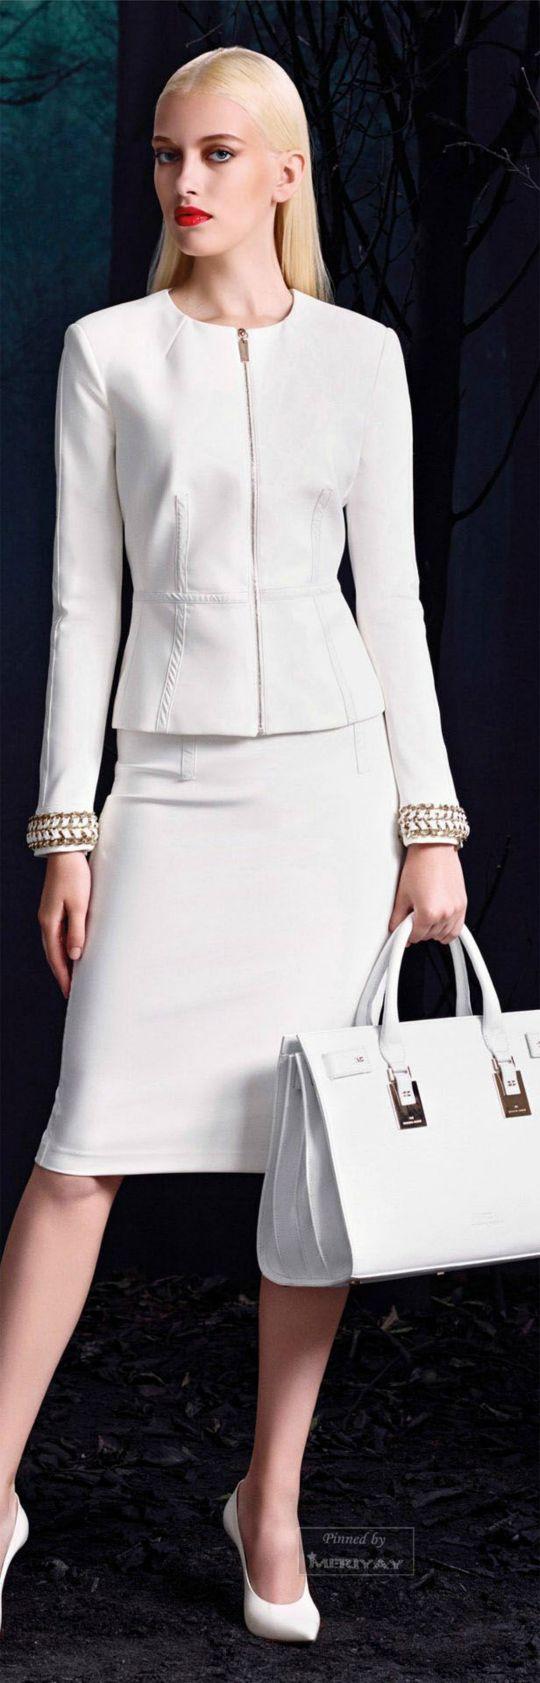 bijelo odijelo zimi